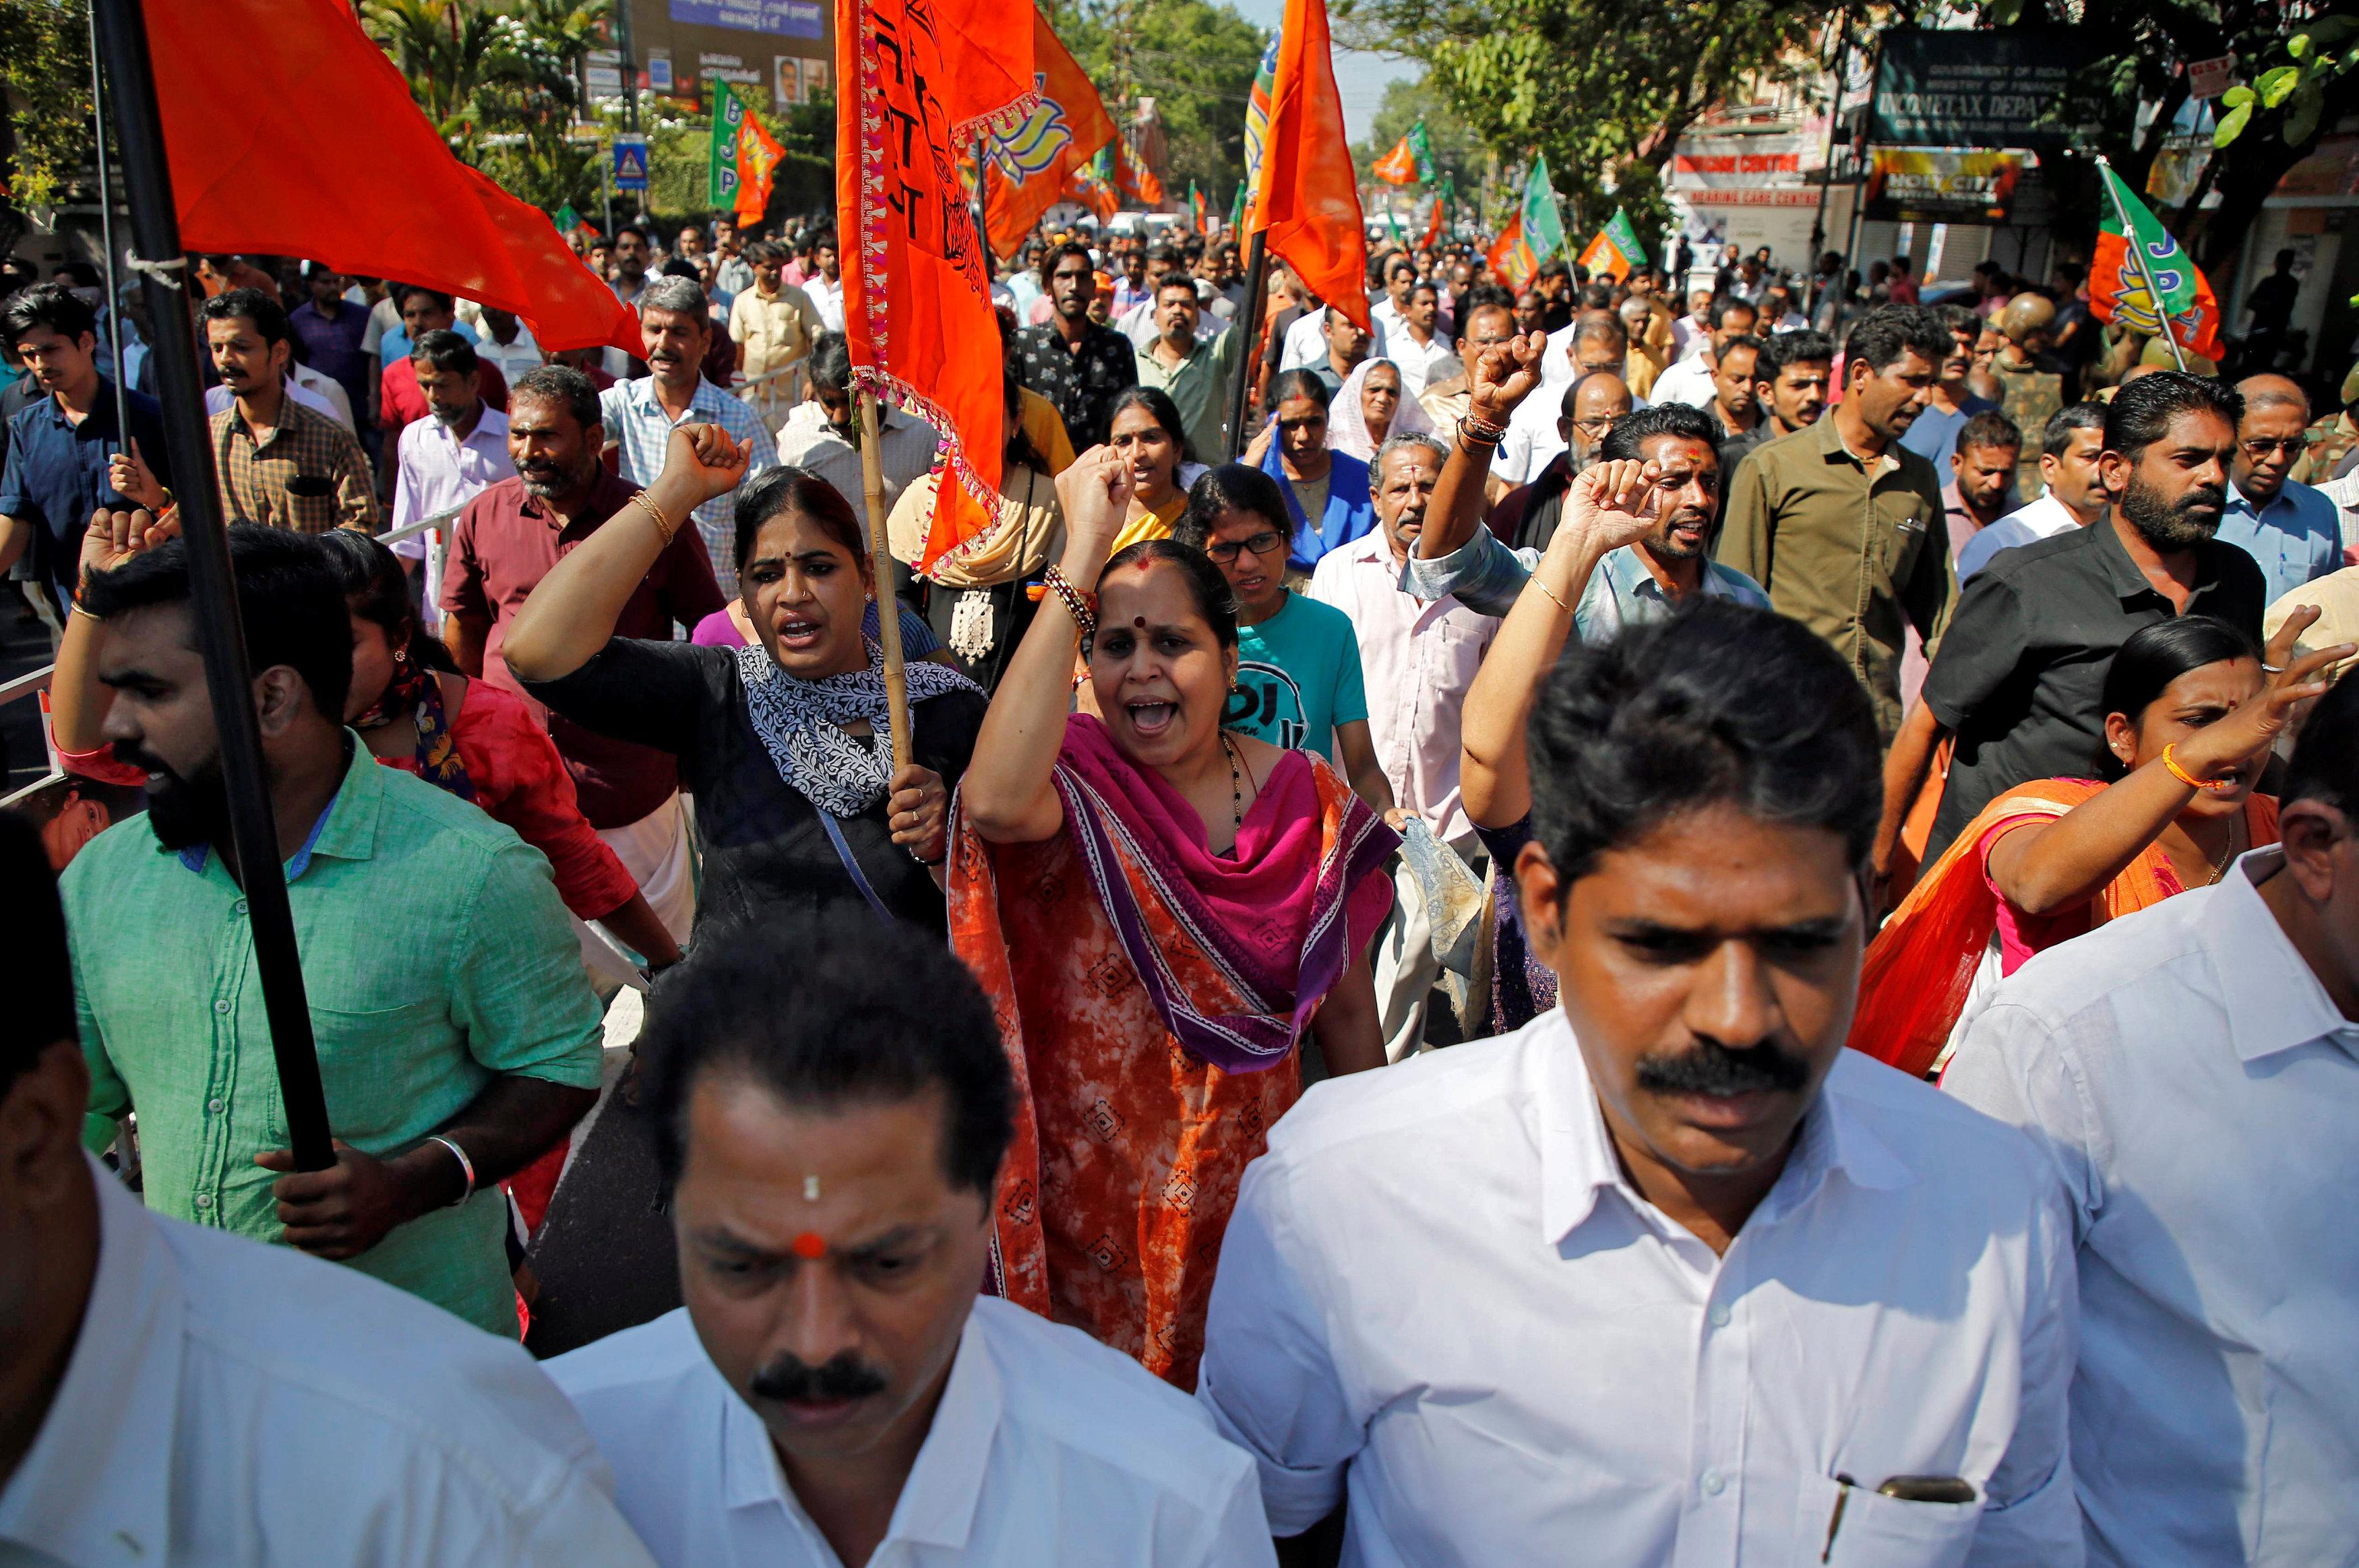 تظاهرات فى الهند